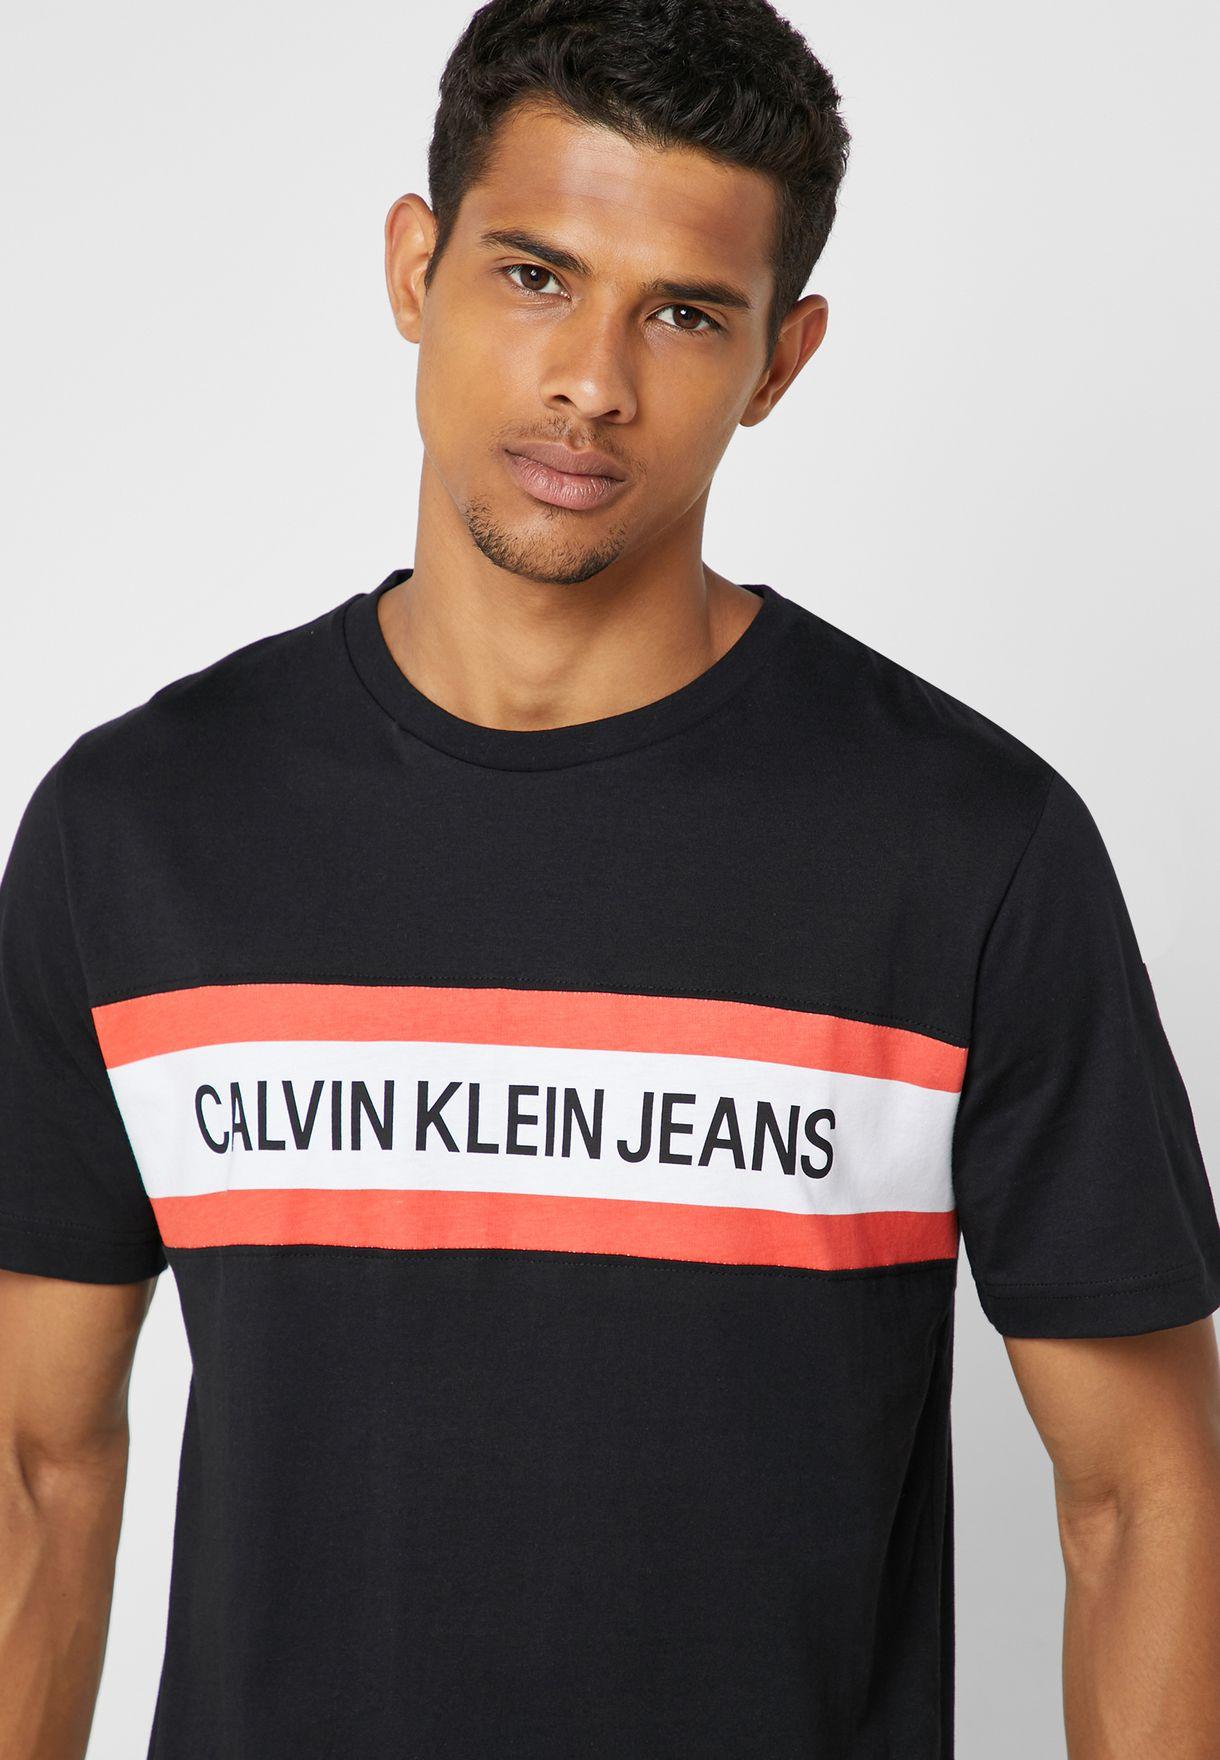 342c1d6ddd84 Shop Calvin Klein Jeans black Institutional Chest Stripe Crew Neck T ...